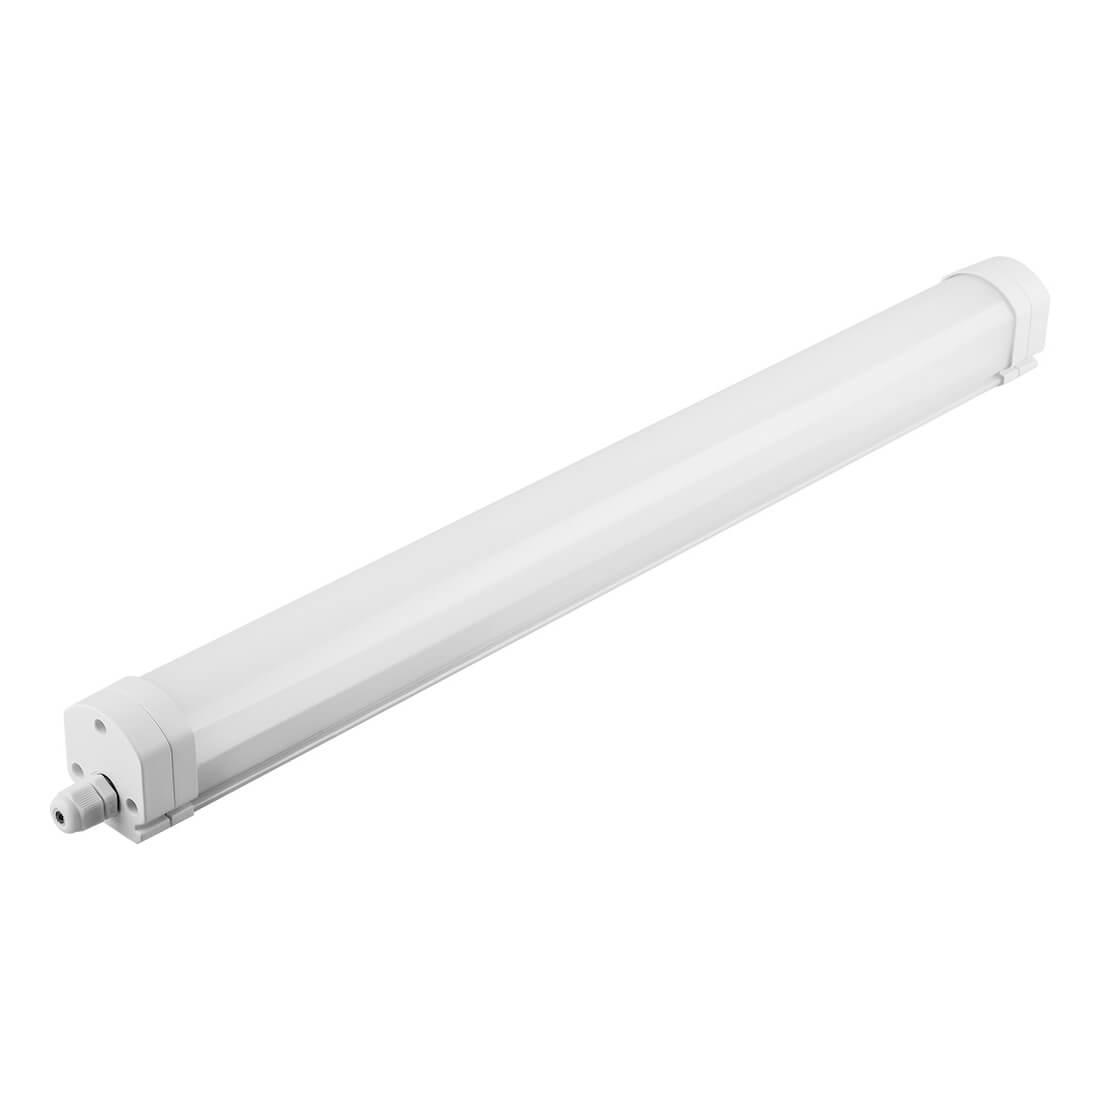 цена Настенно-потолочный светодиодный светильник Feron AL5065 32550 онлайн в 2017 году